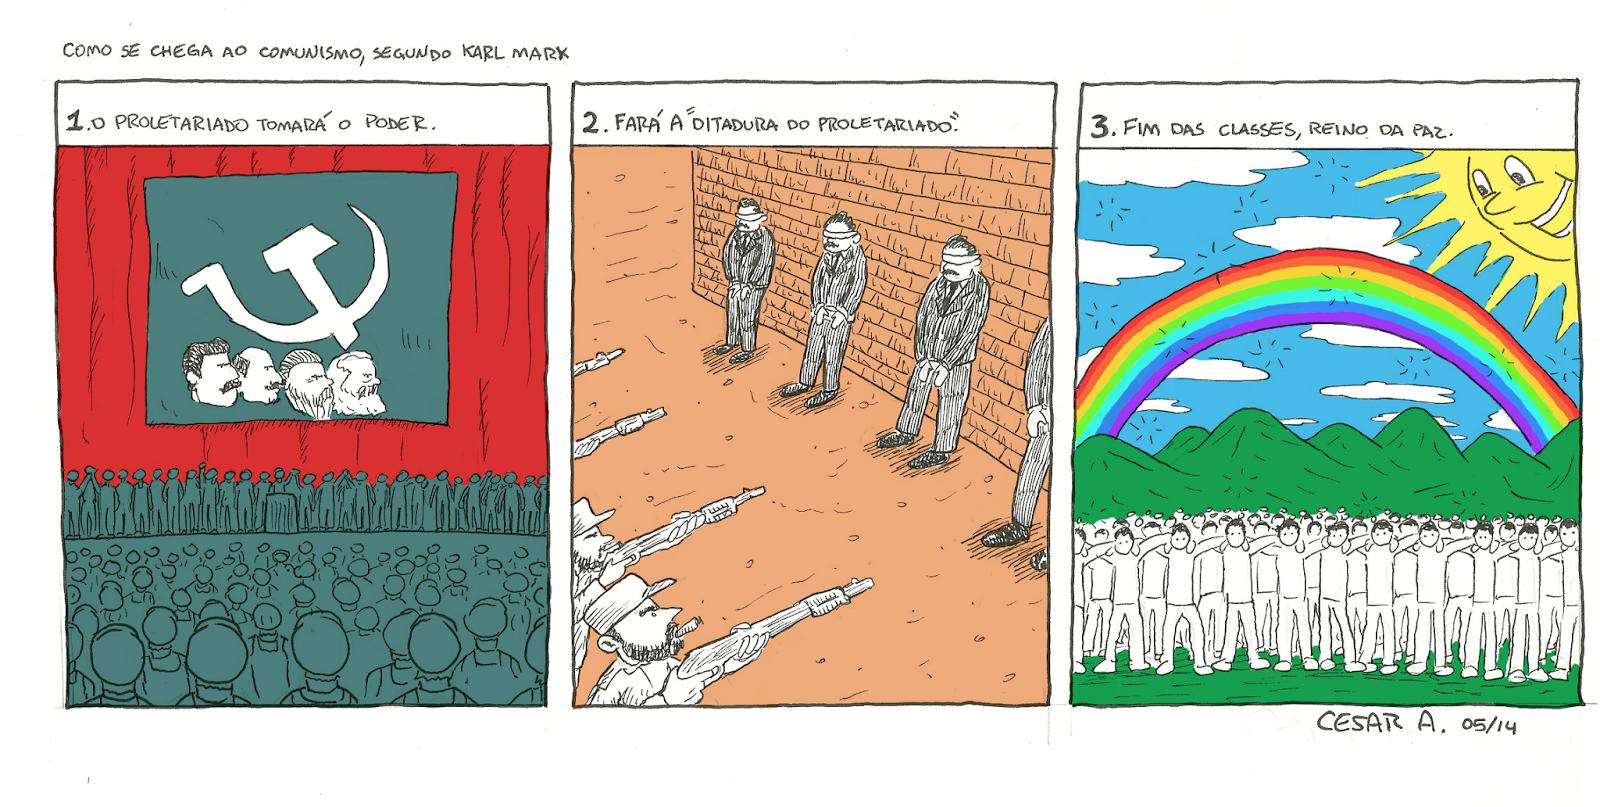 Comunismo explicado, por Cesar Andrade